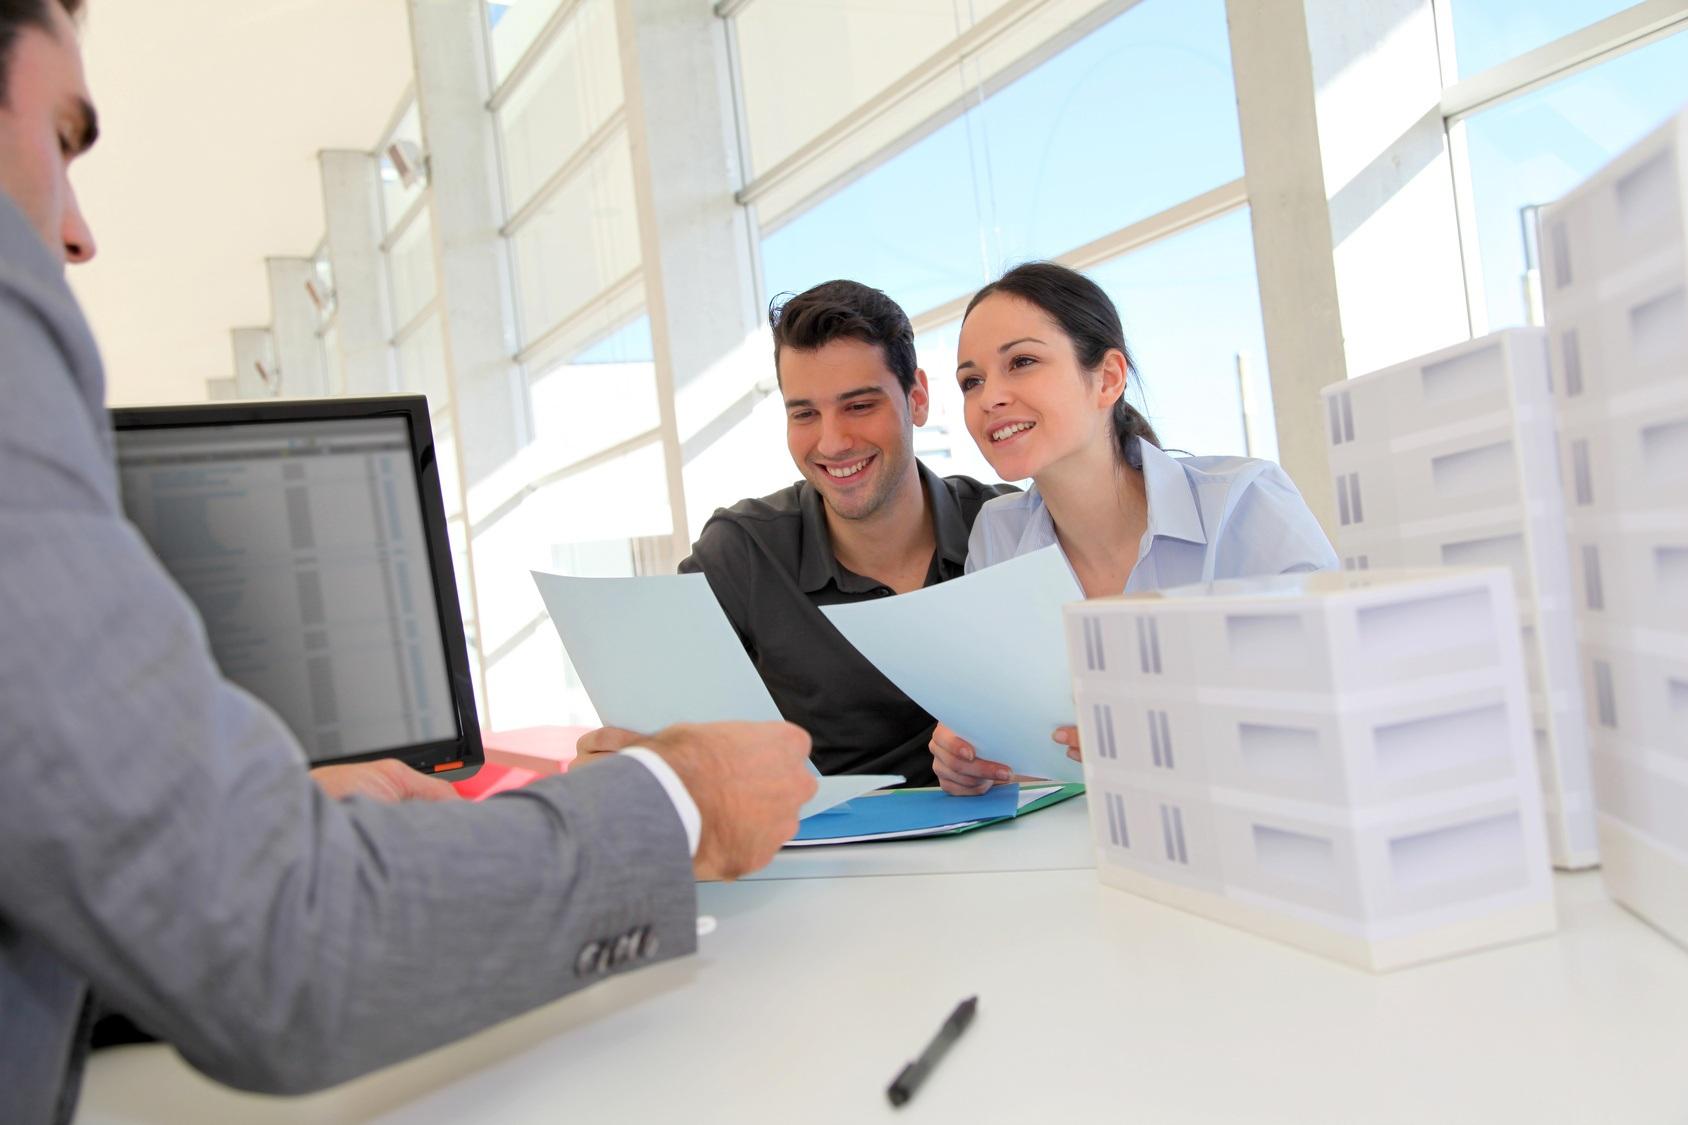 assurance pret immobilier : tester pour mieux trouver